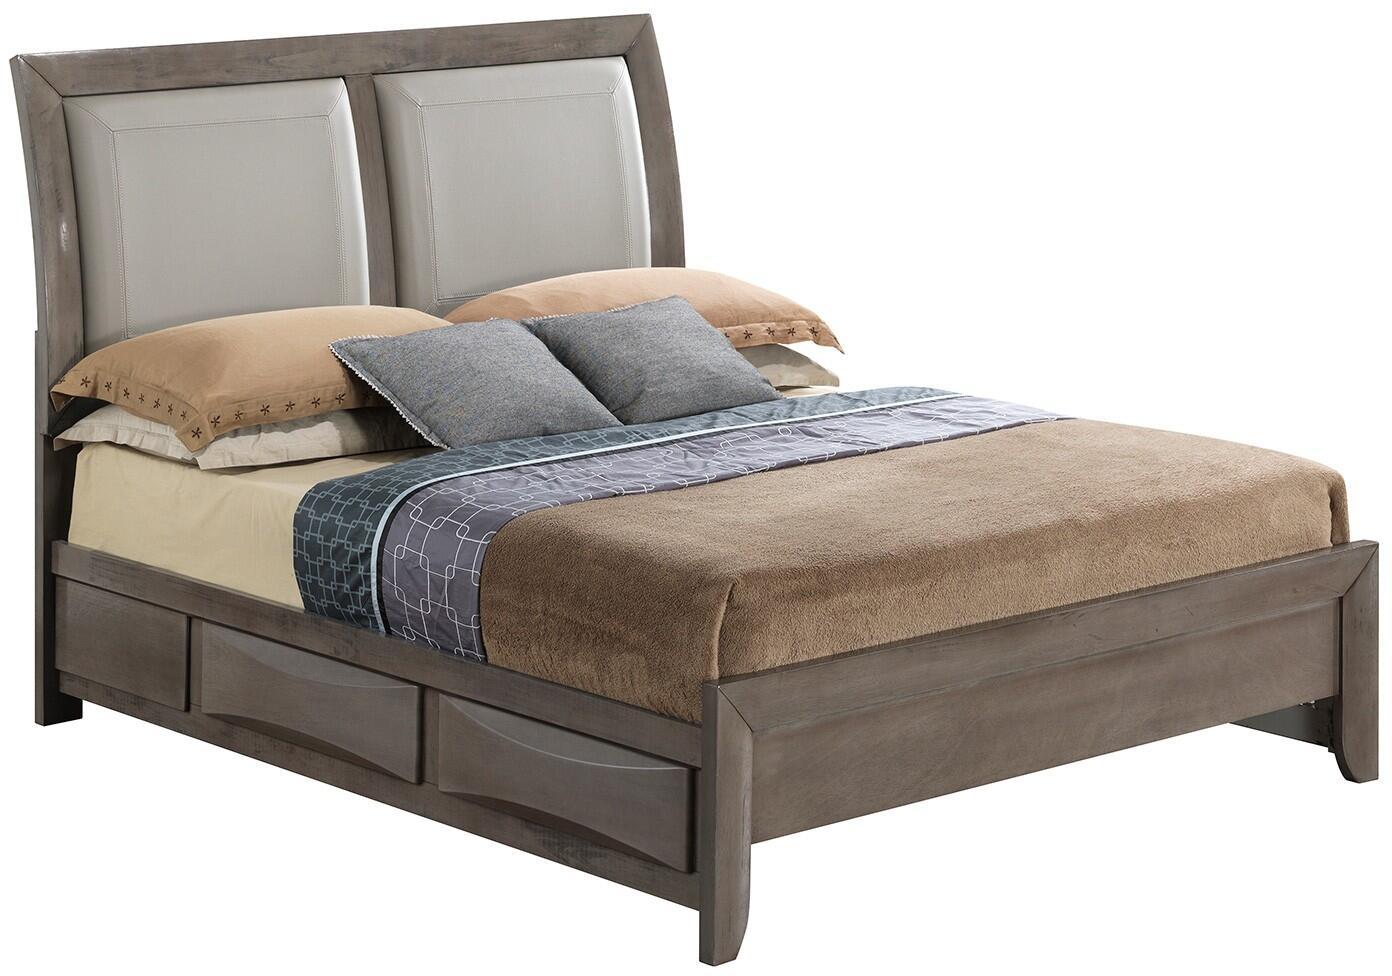 Glory furniture g1505ddksb2dmn g1505 king bedroom sets for Furniture connection